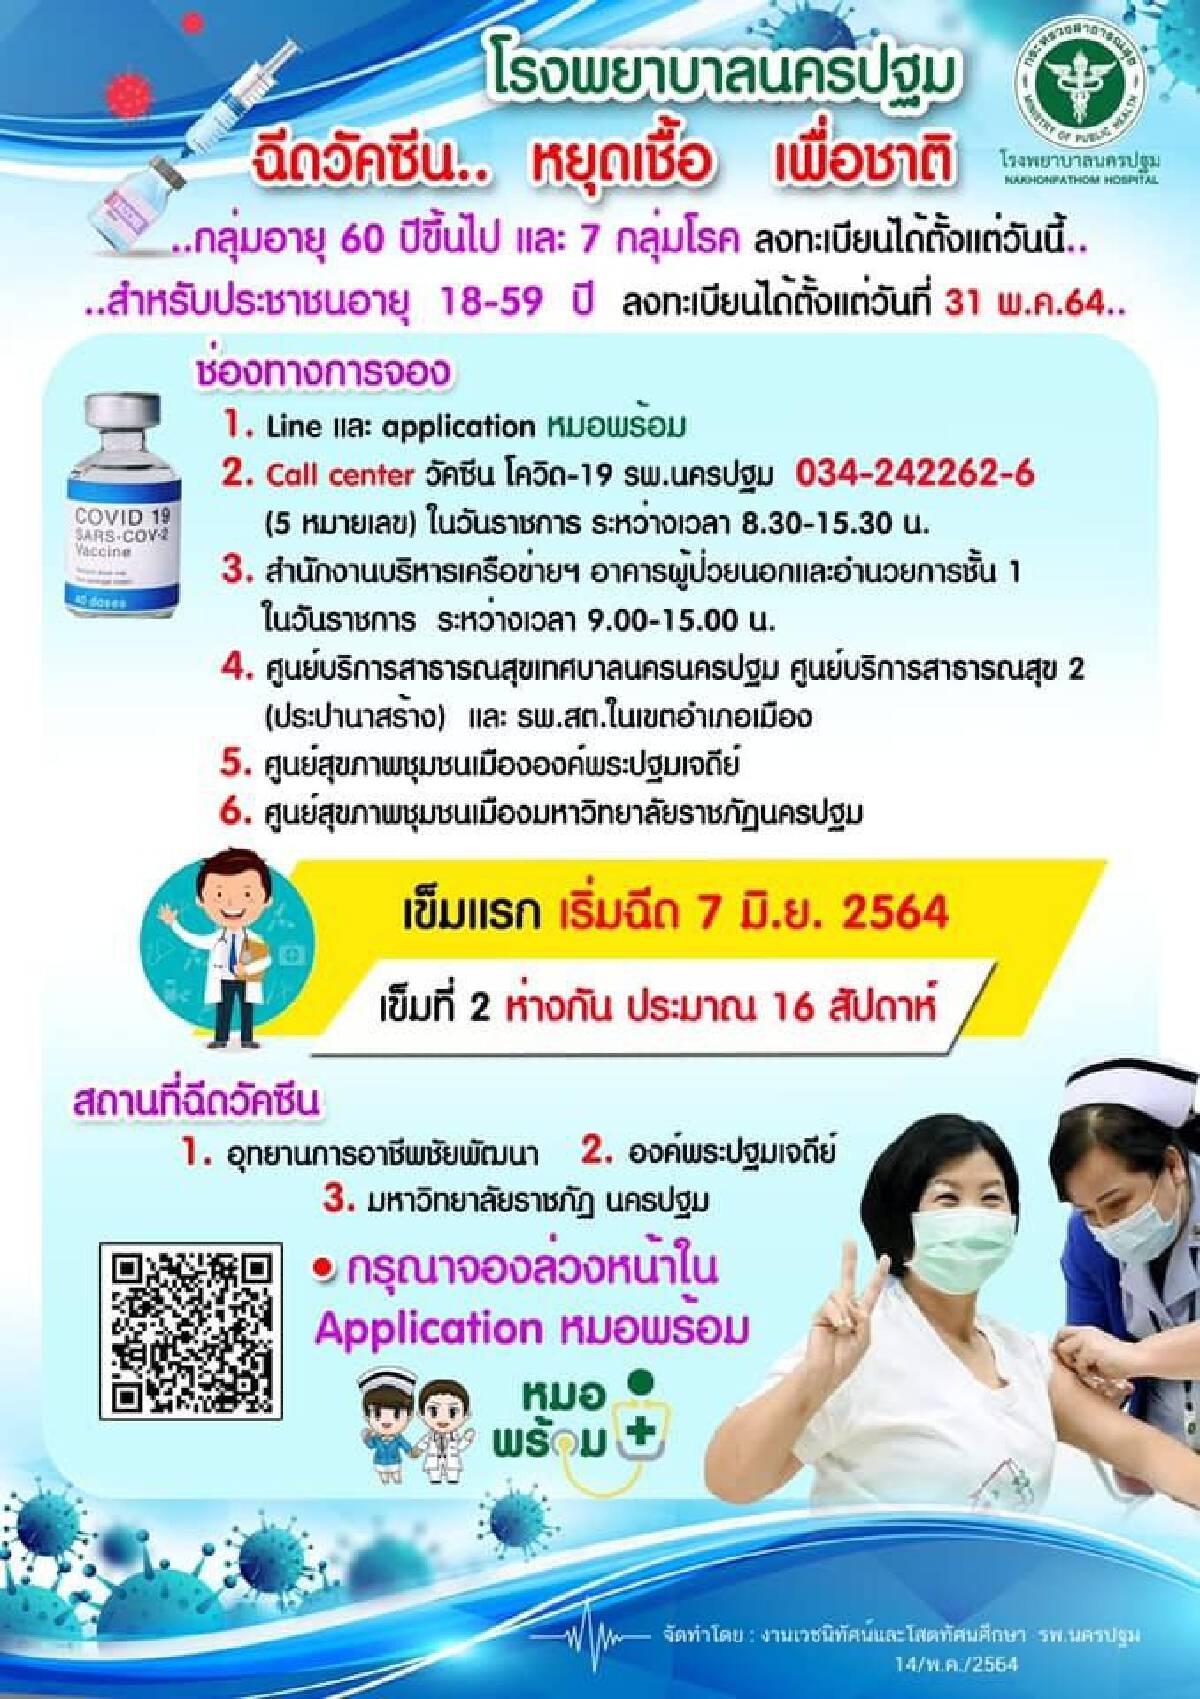 โรงพยาบาลนครปฐม ลงทะเบียนฉีดวัคซีนโควิด